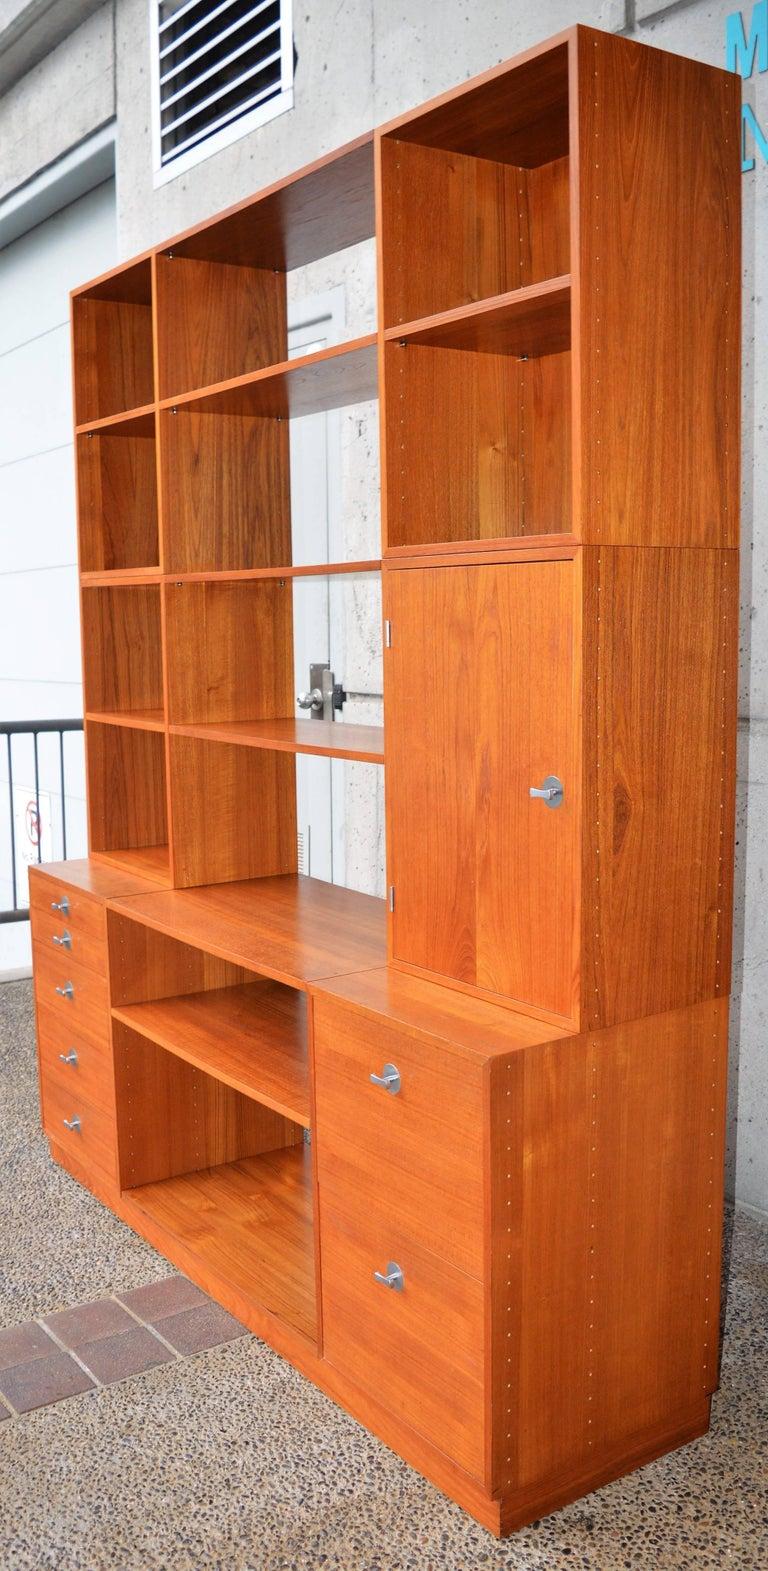 Mid-Century Modern Finn Juhl Modular Teak Wall Unit / Office Shelving for France & Son For Sale